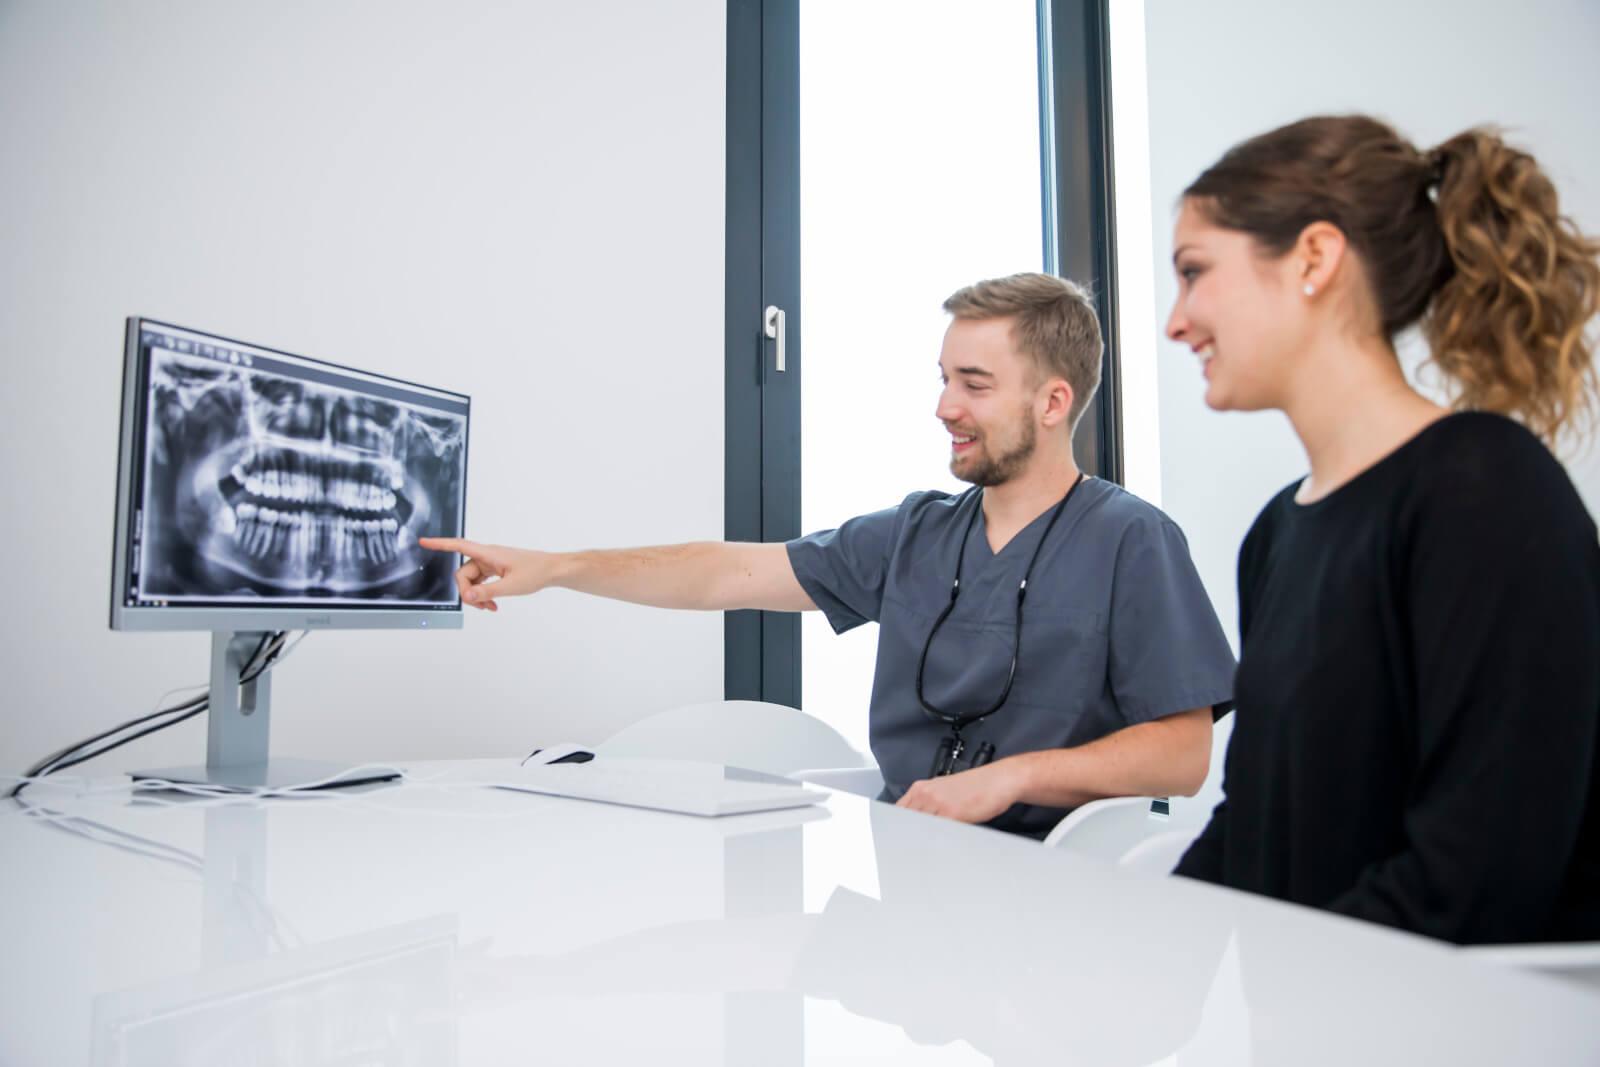 Ästhetische Zahnmedizin ist die Kombination aus Schönheit und Funktion der Zähne